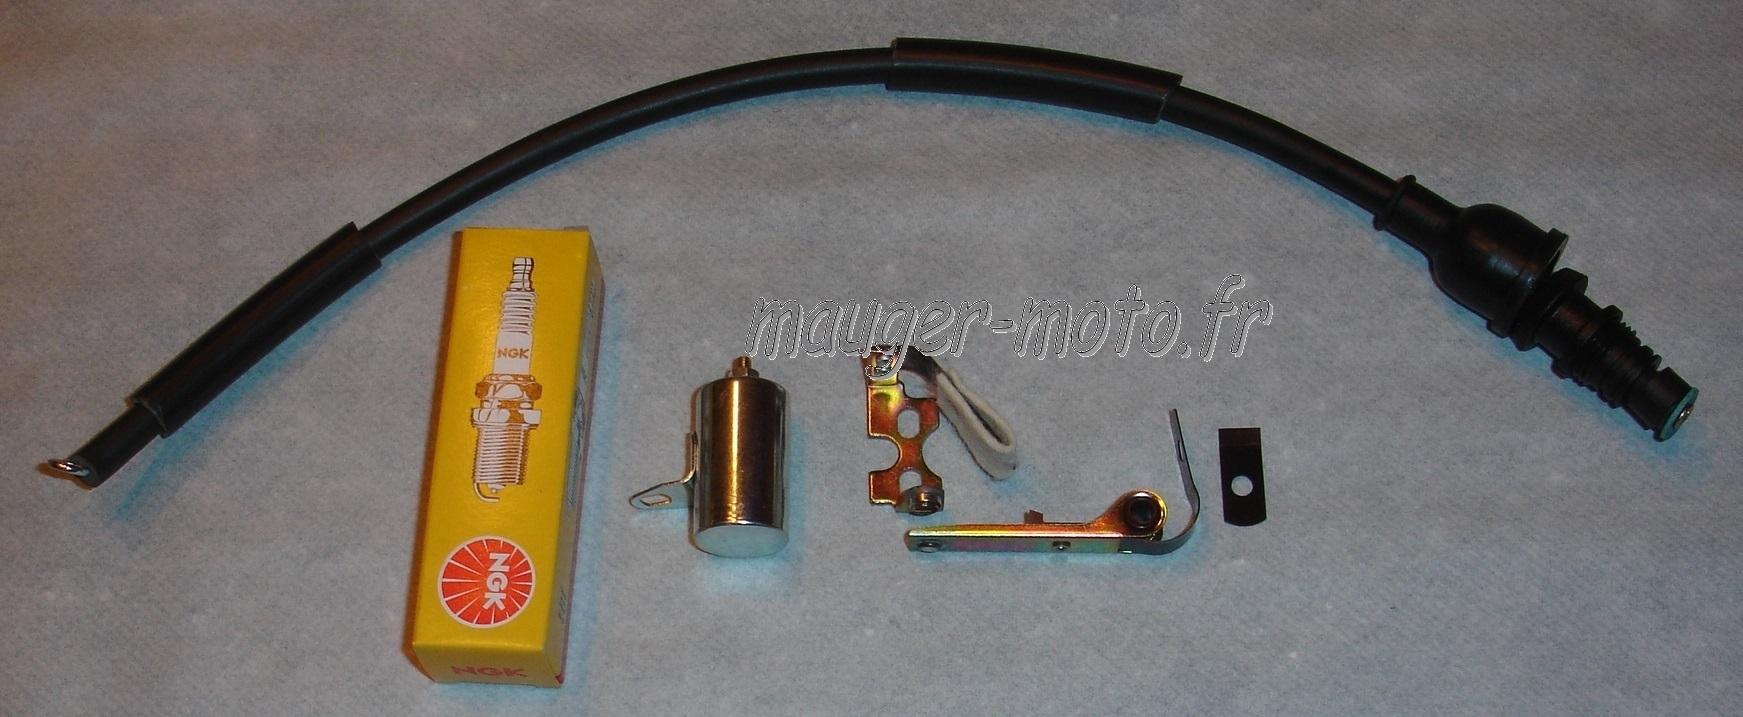 kit allumage solex 3300 3800 5000 ets mauger. Black Bedroom Furniture Sets. Home Design Ideas